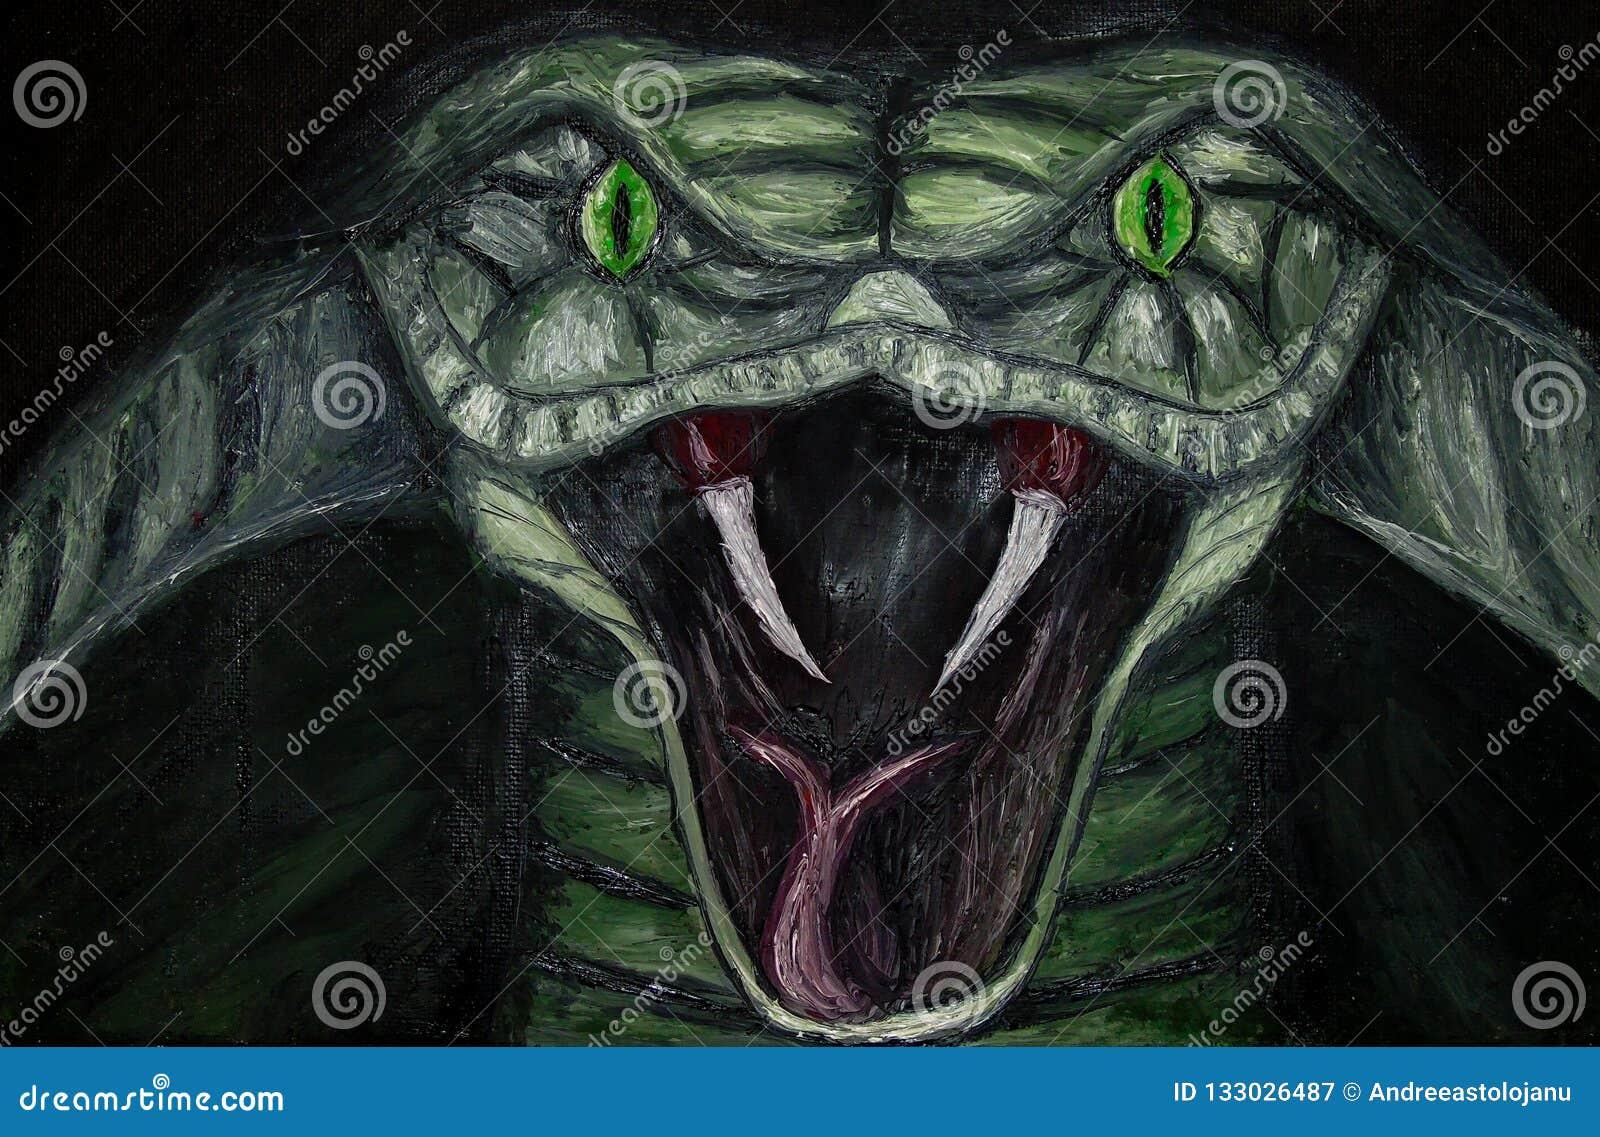 Pintura a óleo do close up de uma serpente ameaçando verde da cobra com os olhos verdes na lona, animal perigoso isolado no fundo